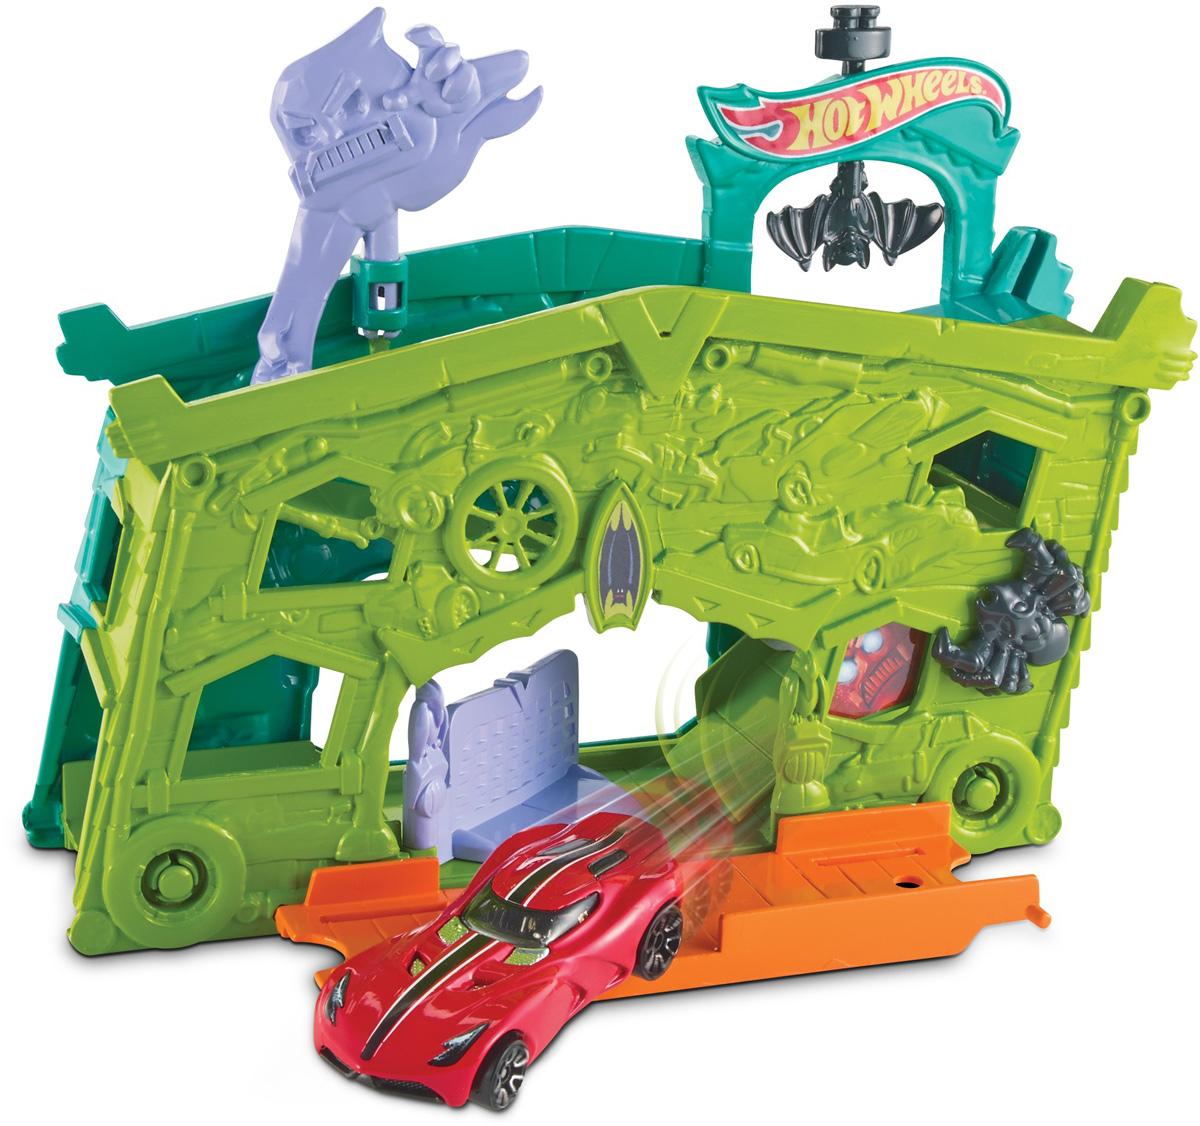 Hot Wheels Игровой набор Призрачный гаражDWK99_DWL03Игровой набор Hot Wheels Призрачный гараж привлечет внимание вашего ребенка и не позволит ему скучать. В набор входят элементы для сборки части трека вместе с гаражом, населенным призраками. В наборе также машинка Hot Wheels. Ворота гаража открываются, пандус опускается, колеса машинки свободно вращаются. Любой набор можно соединить с другим трековым набором Hot Wheels. Дети могут коллекционировать наборы и соединять их друг с другом - веселье будет бесконечным! Порадуйте вашего ребенка таким замечательным подарком!